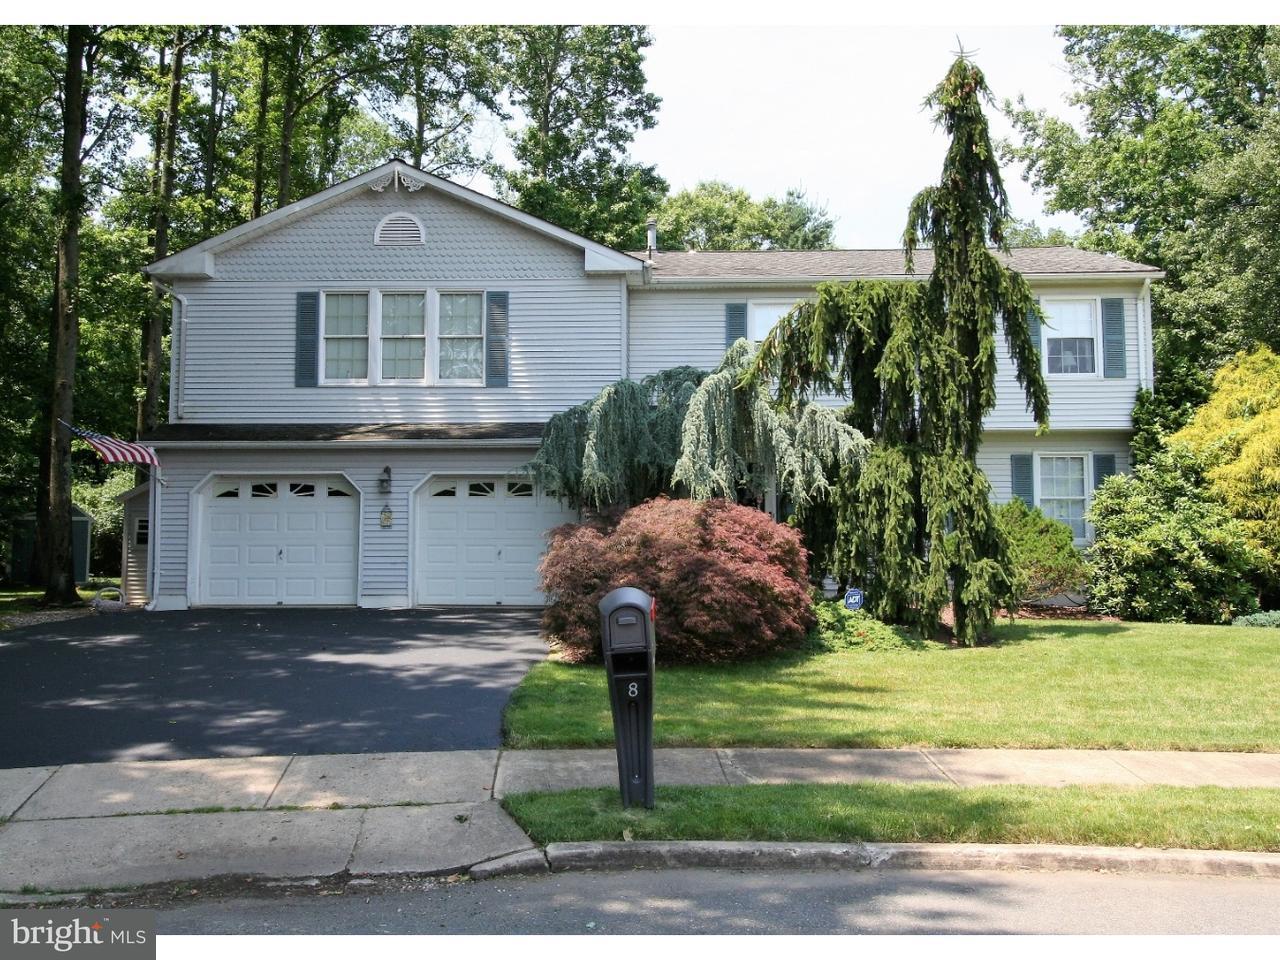 一戸建て のために 売買 アット 8 TIBY Place Monmouth Junction, ニュージャージー 08852 アメリカ合衆国で/アラウンド: South Brunswick Township